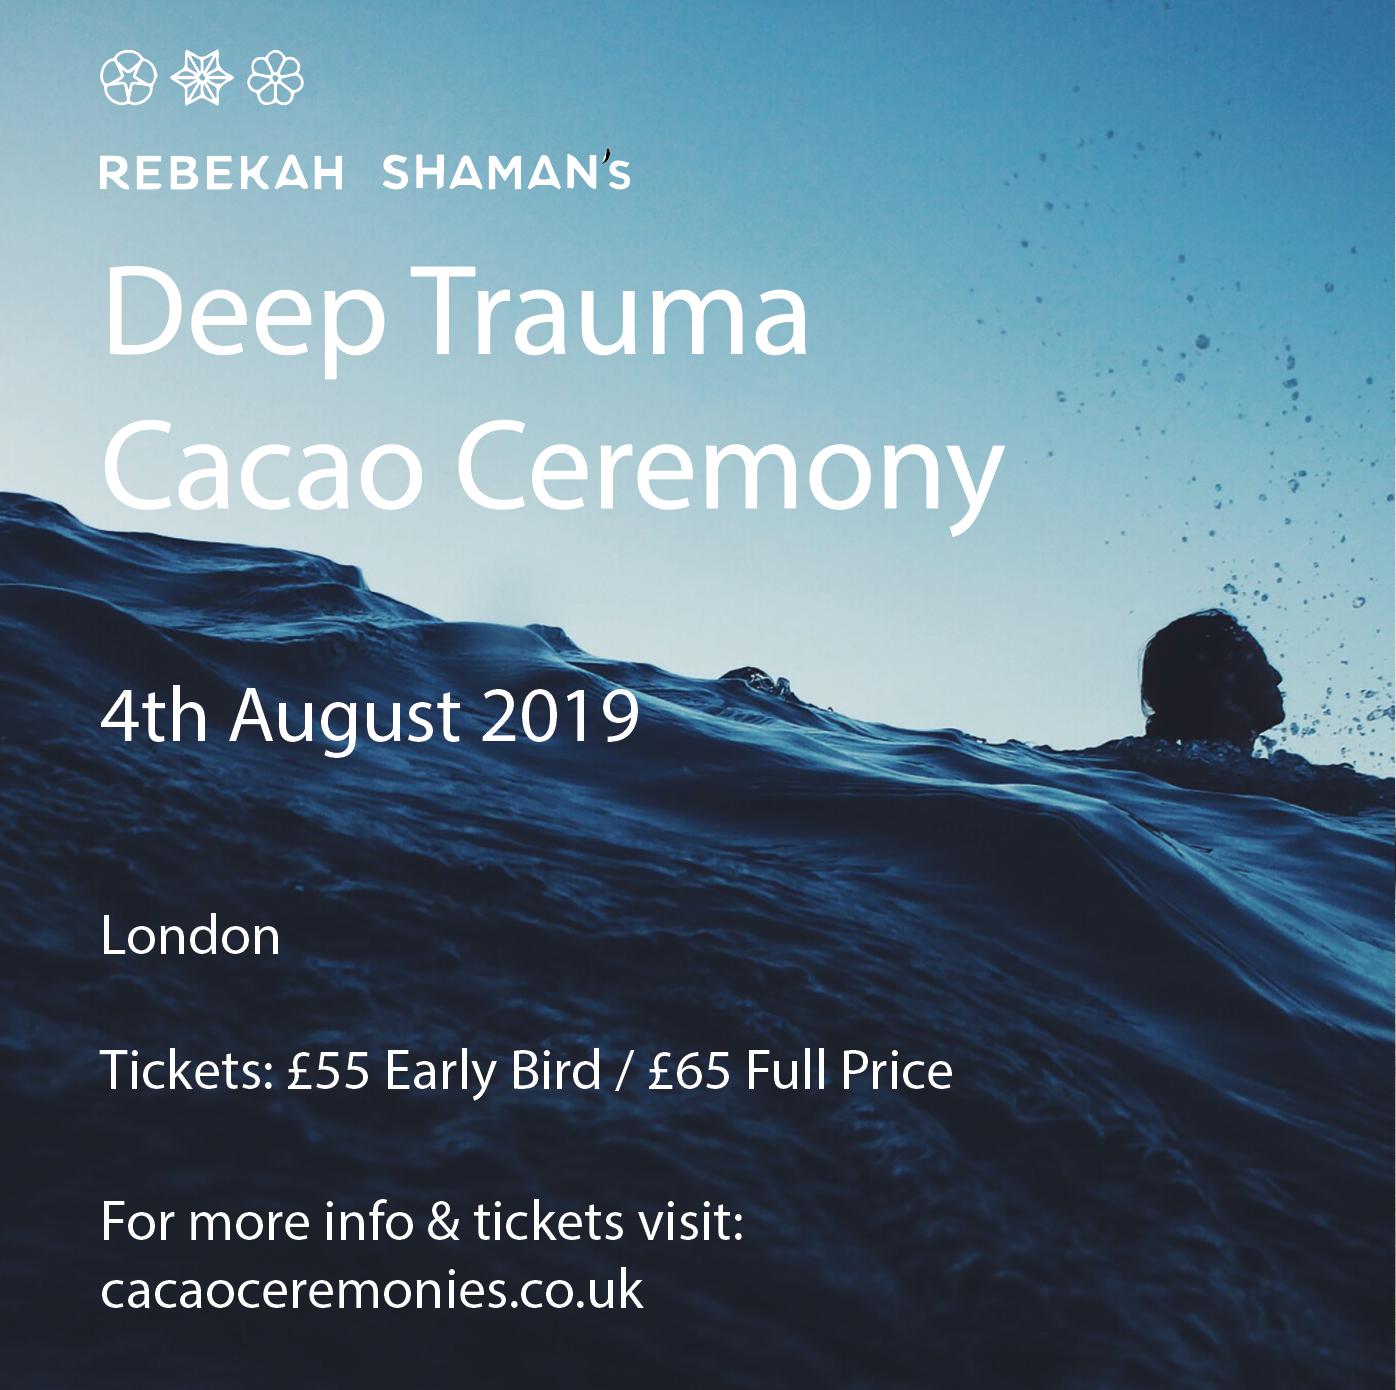 Cacao Ceremony: Deep Trauma